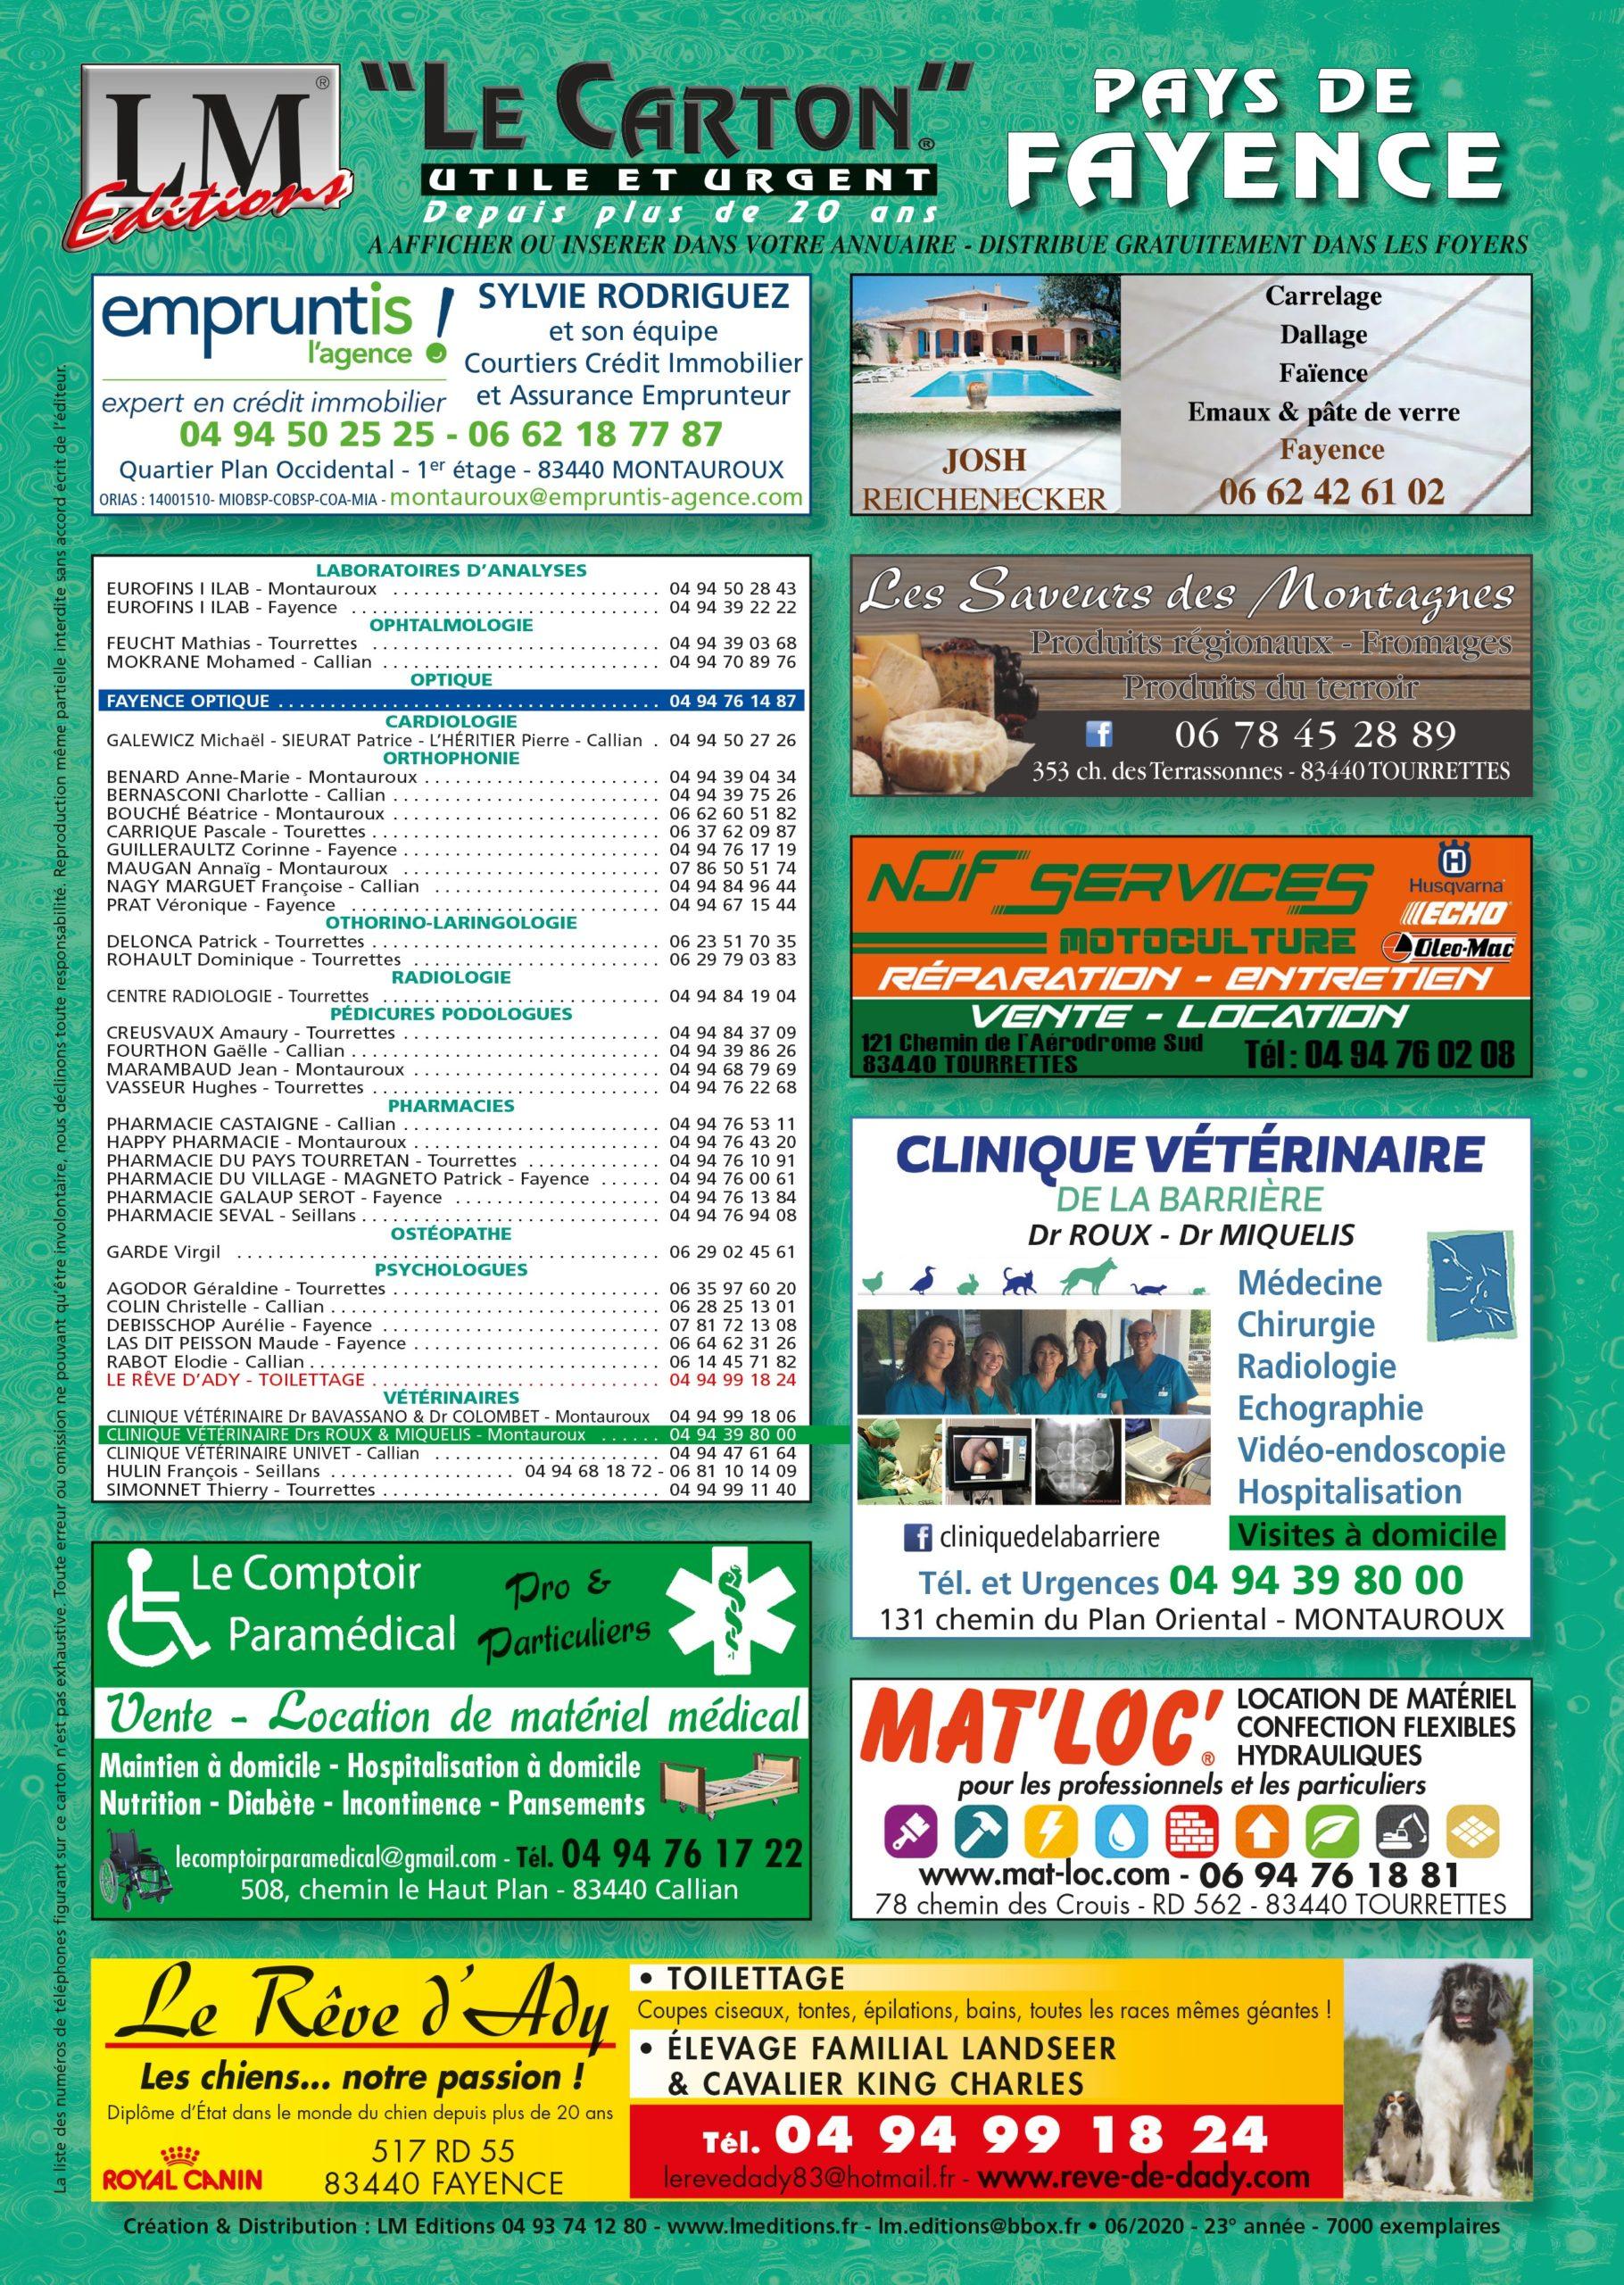 Publicité Carton Fayence